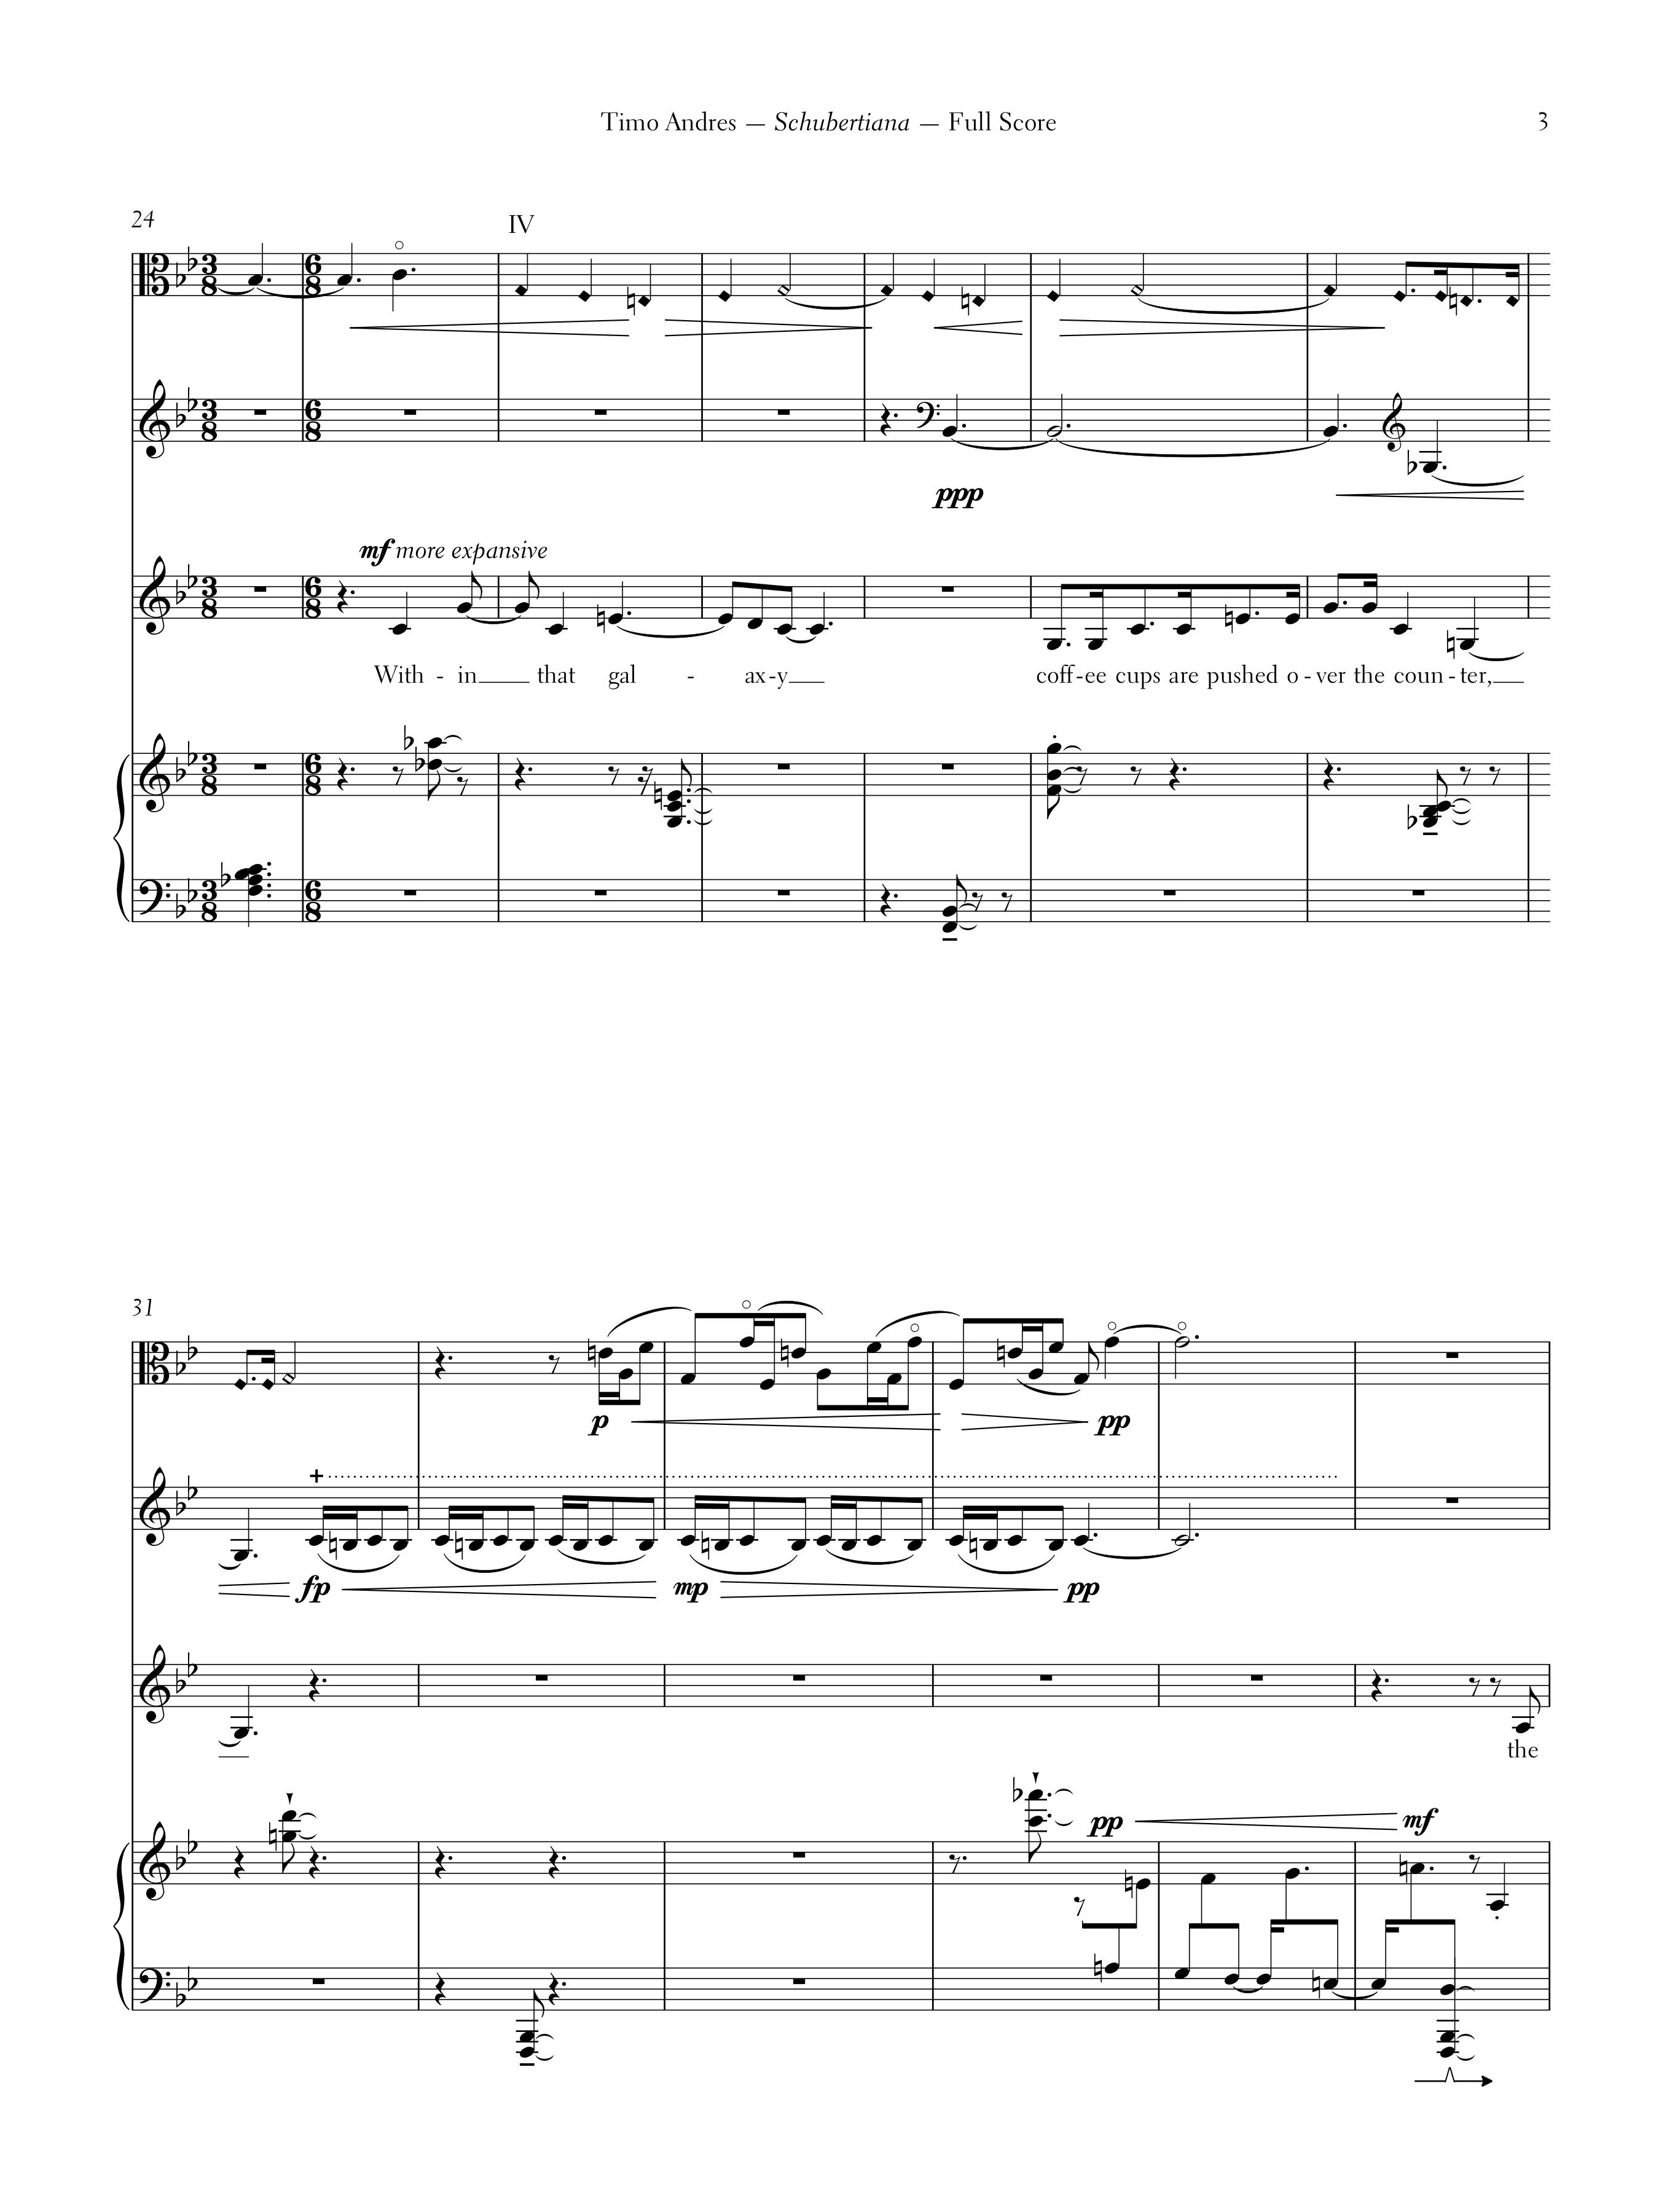 Schubertiana, p. 3